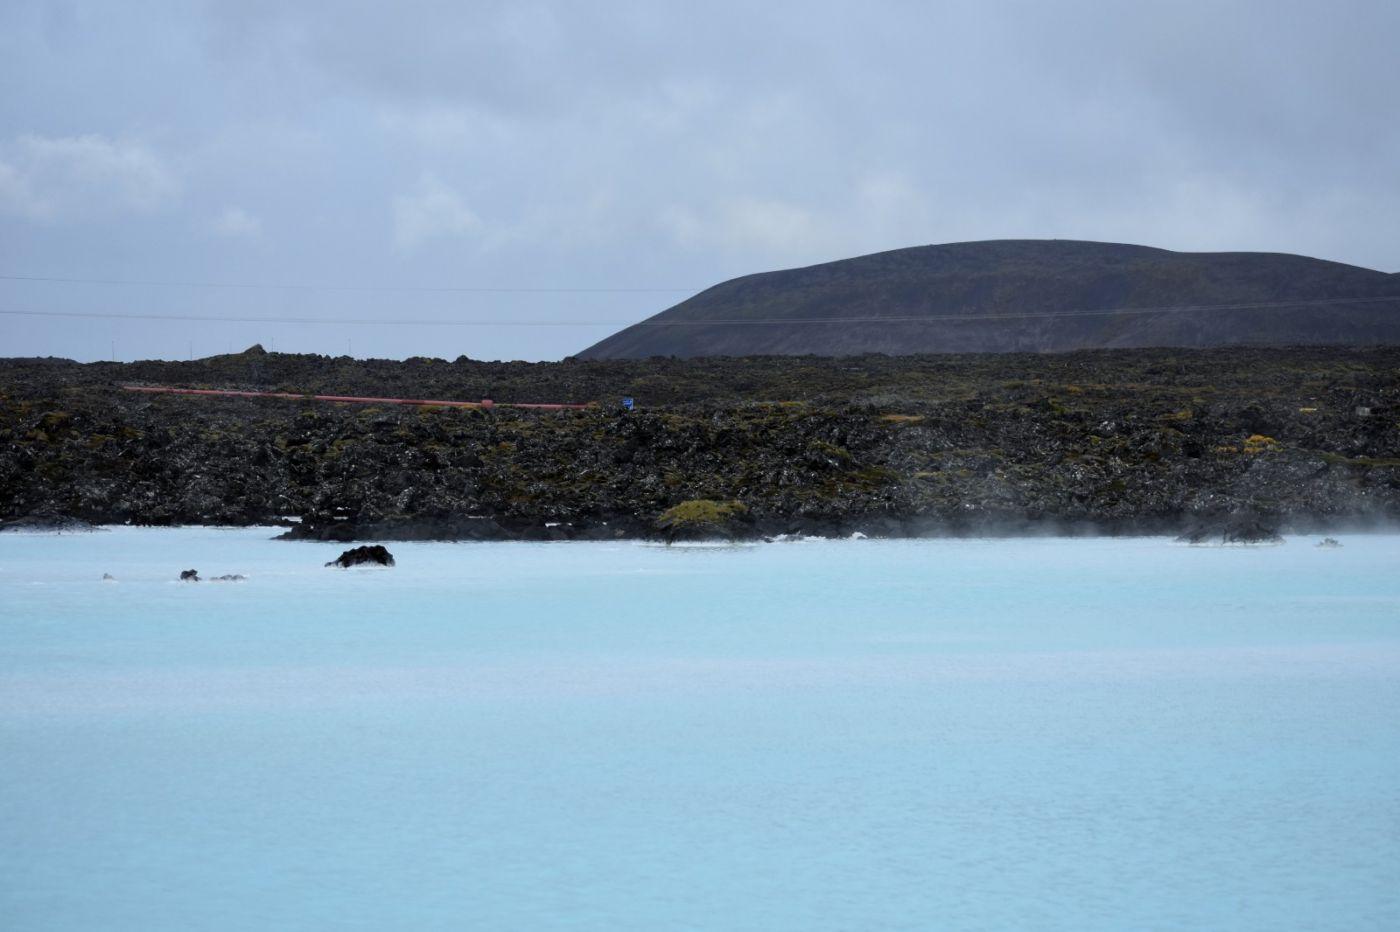 冰岛蓝湖温泉和苔原_图1-22